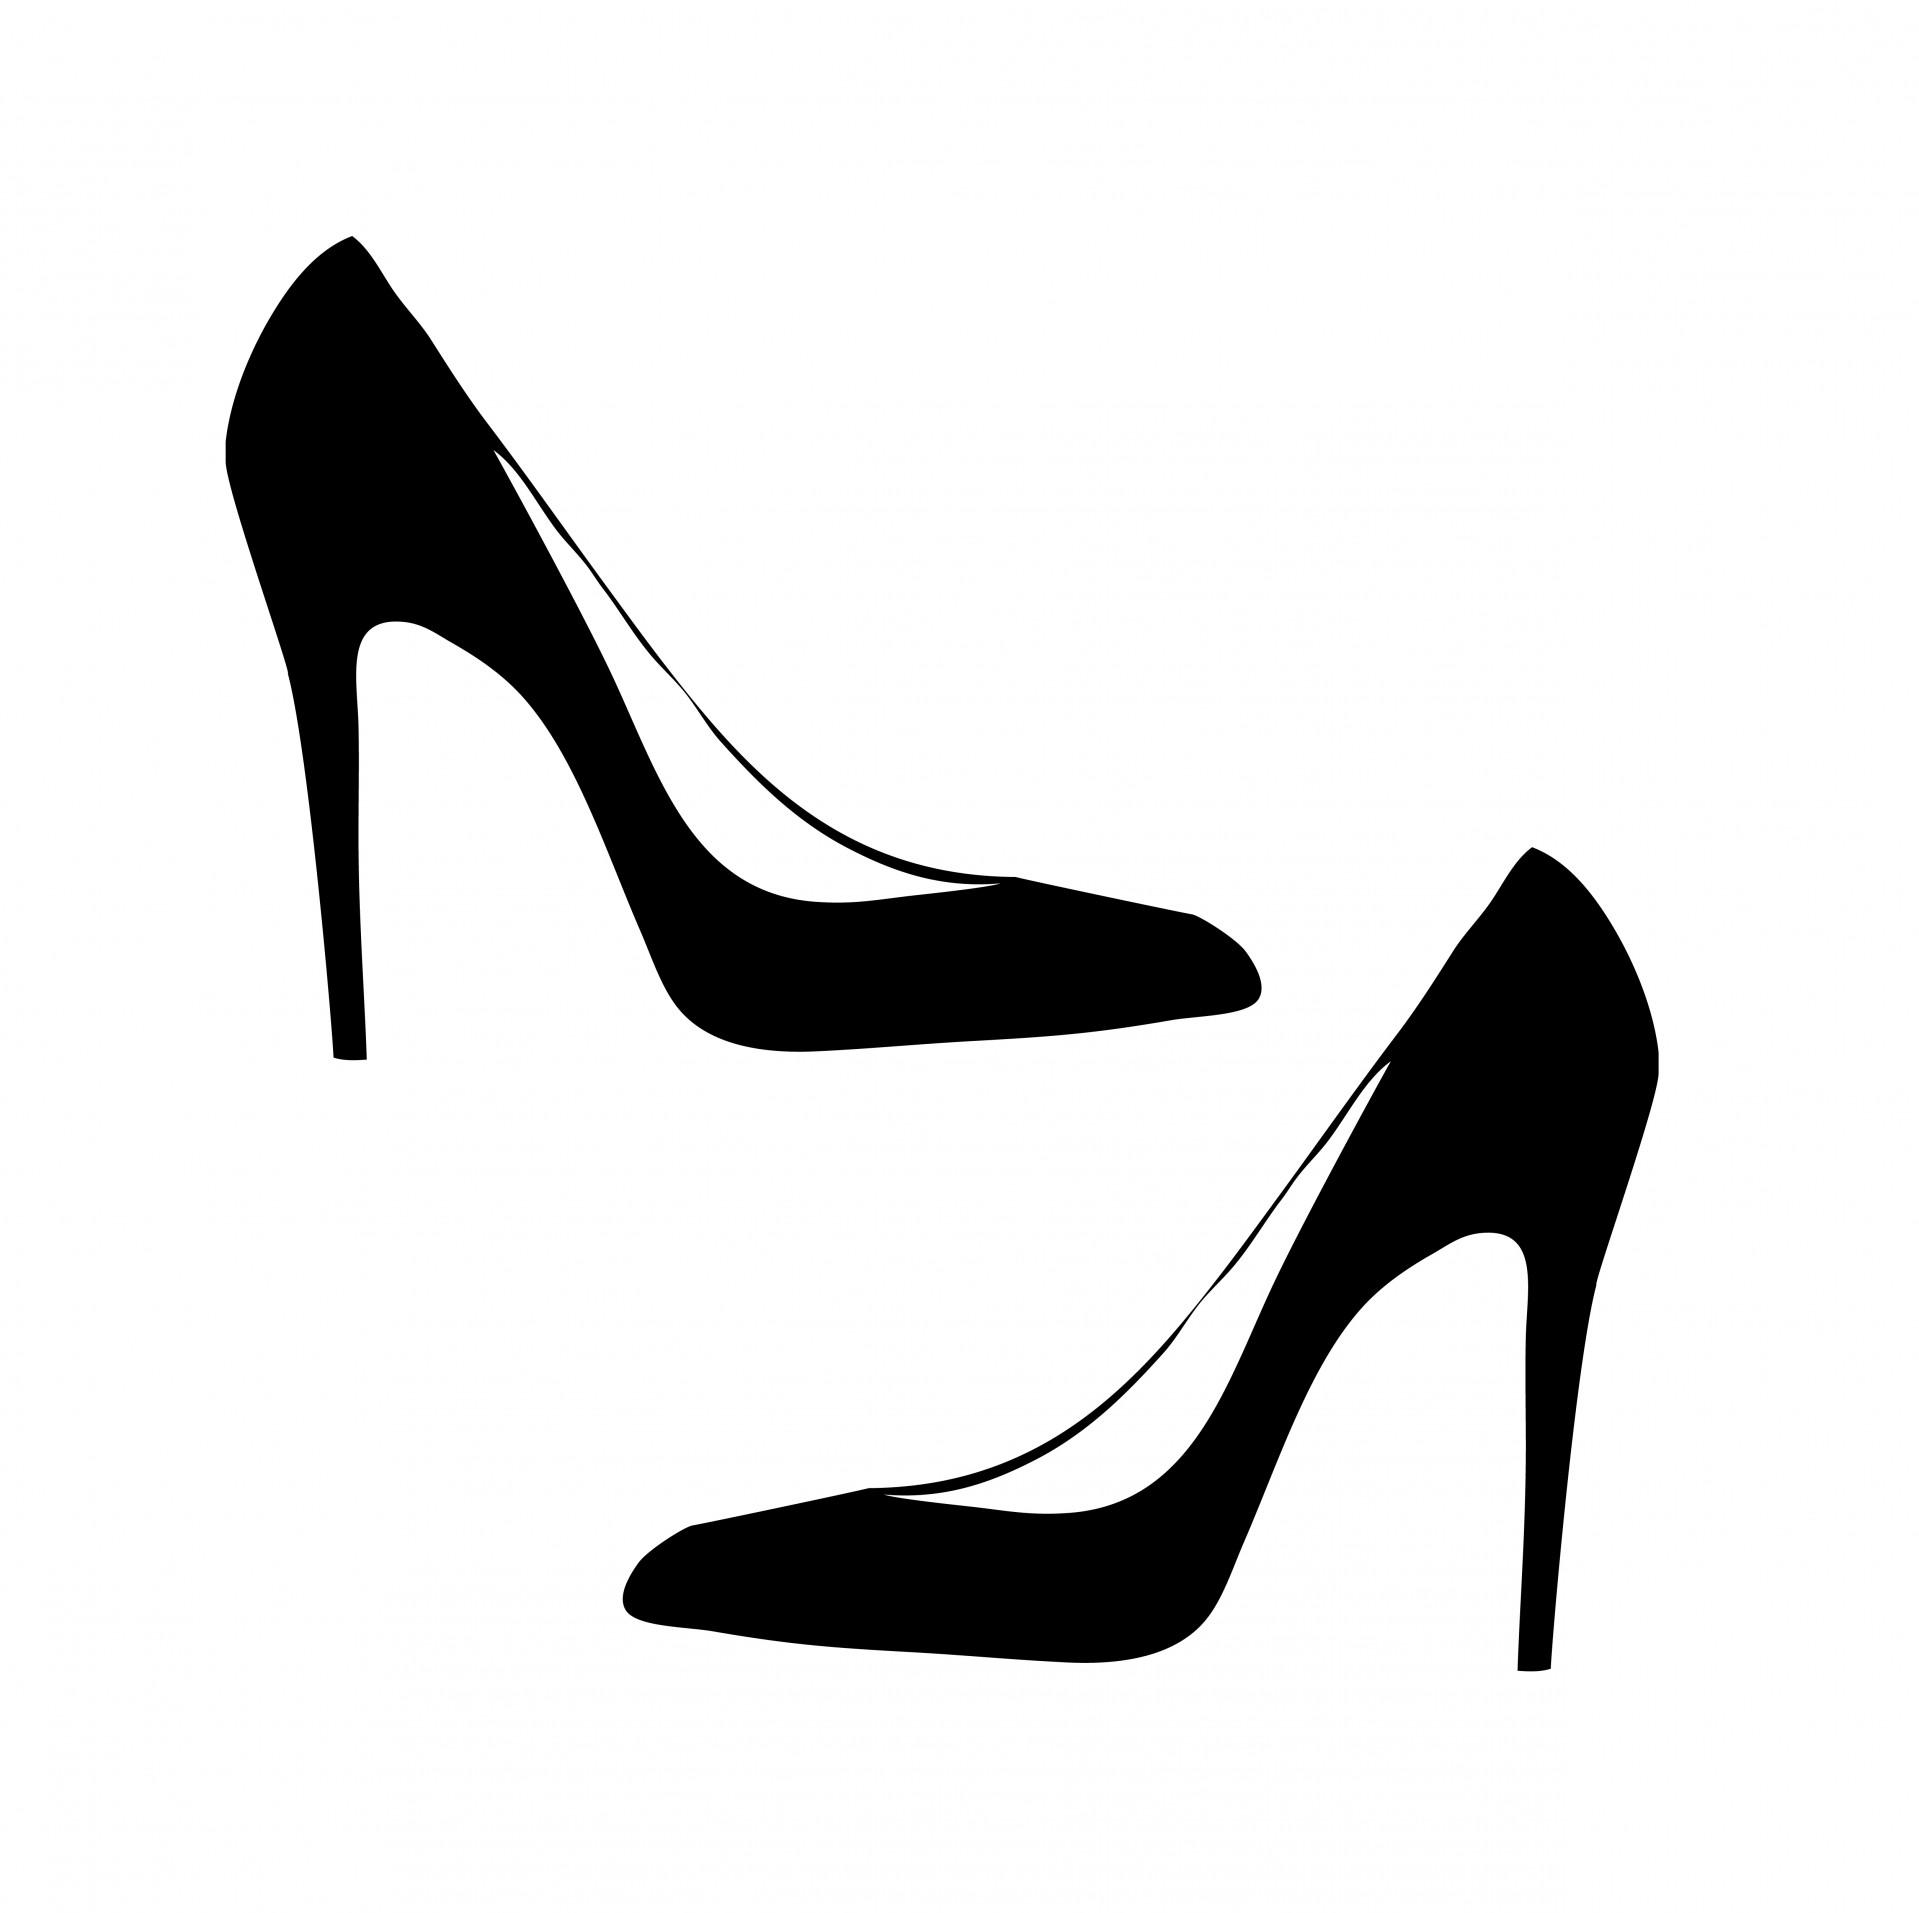 Heels clipart lady footwear. Shoes shoe womens women